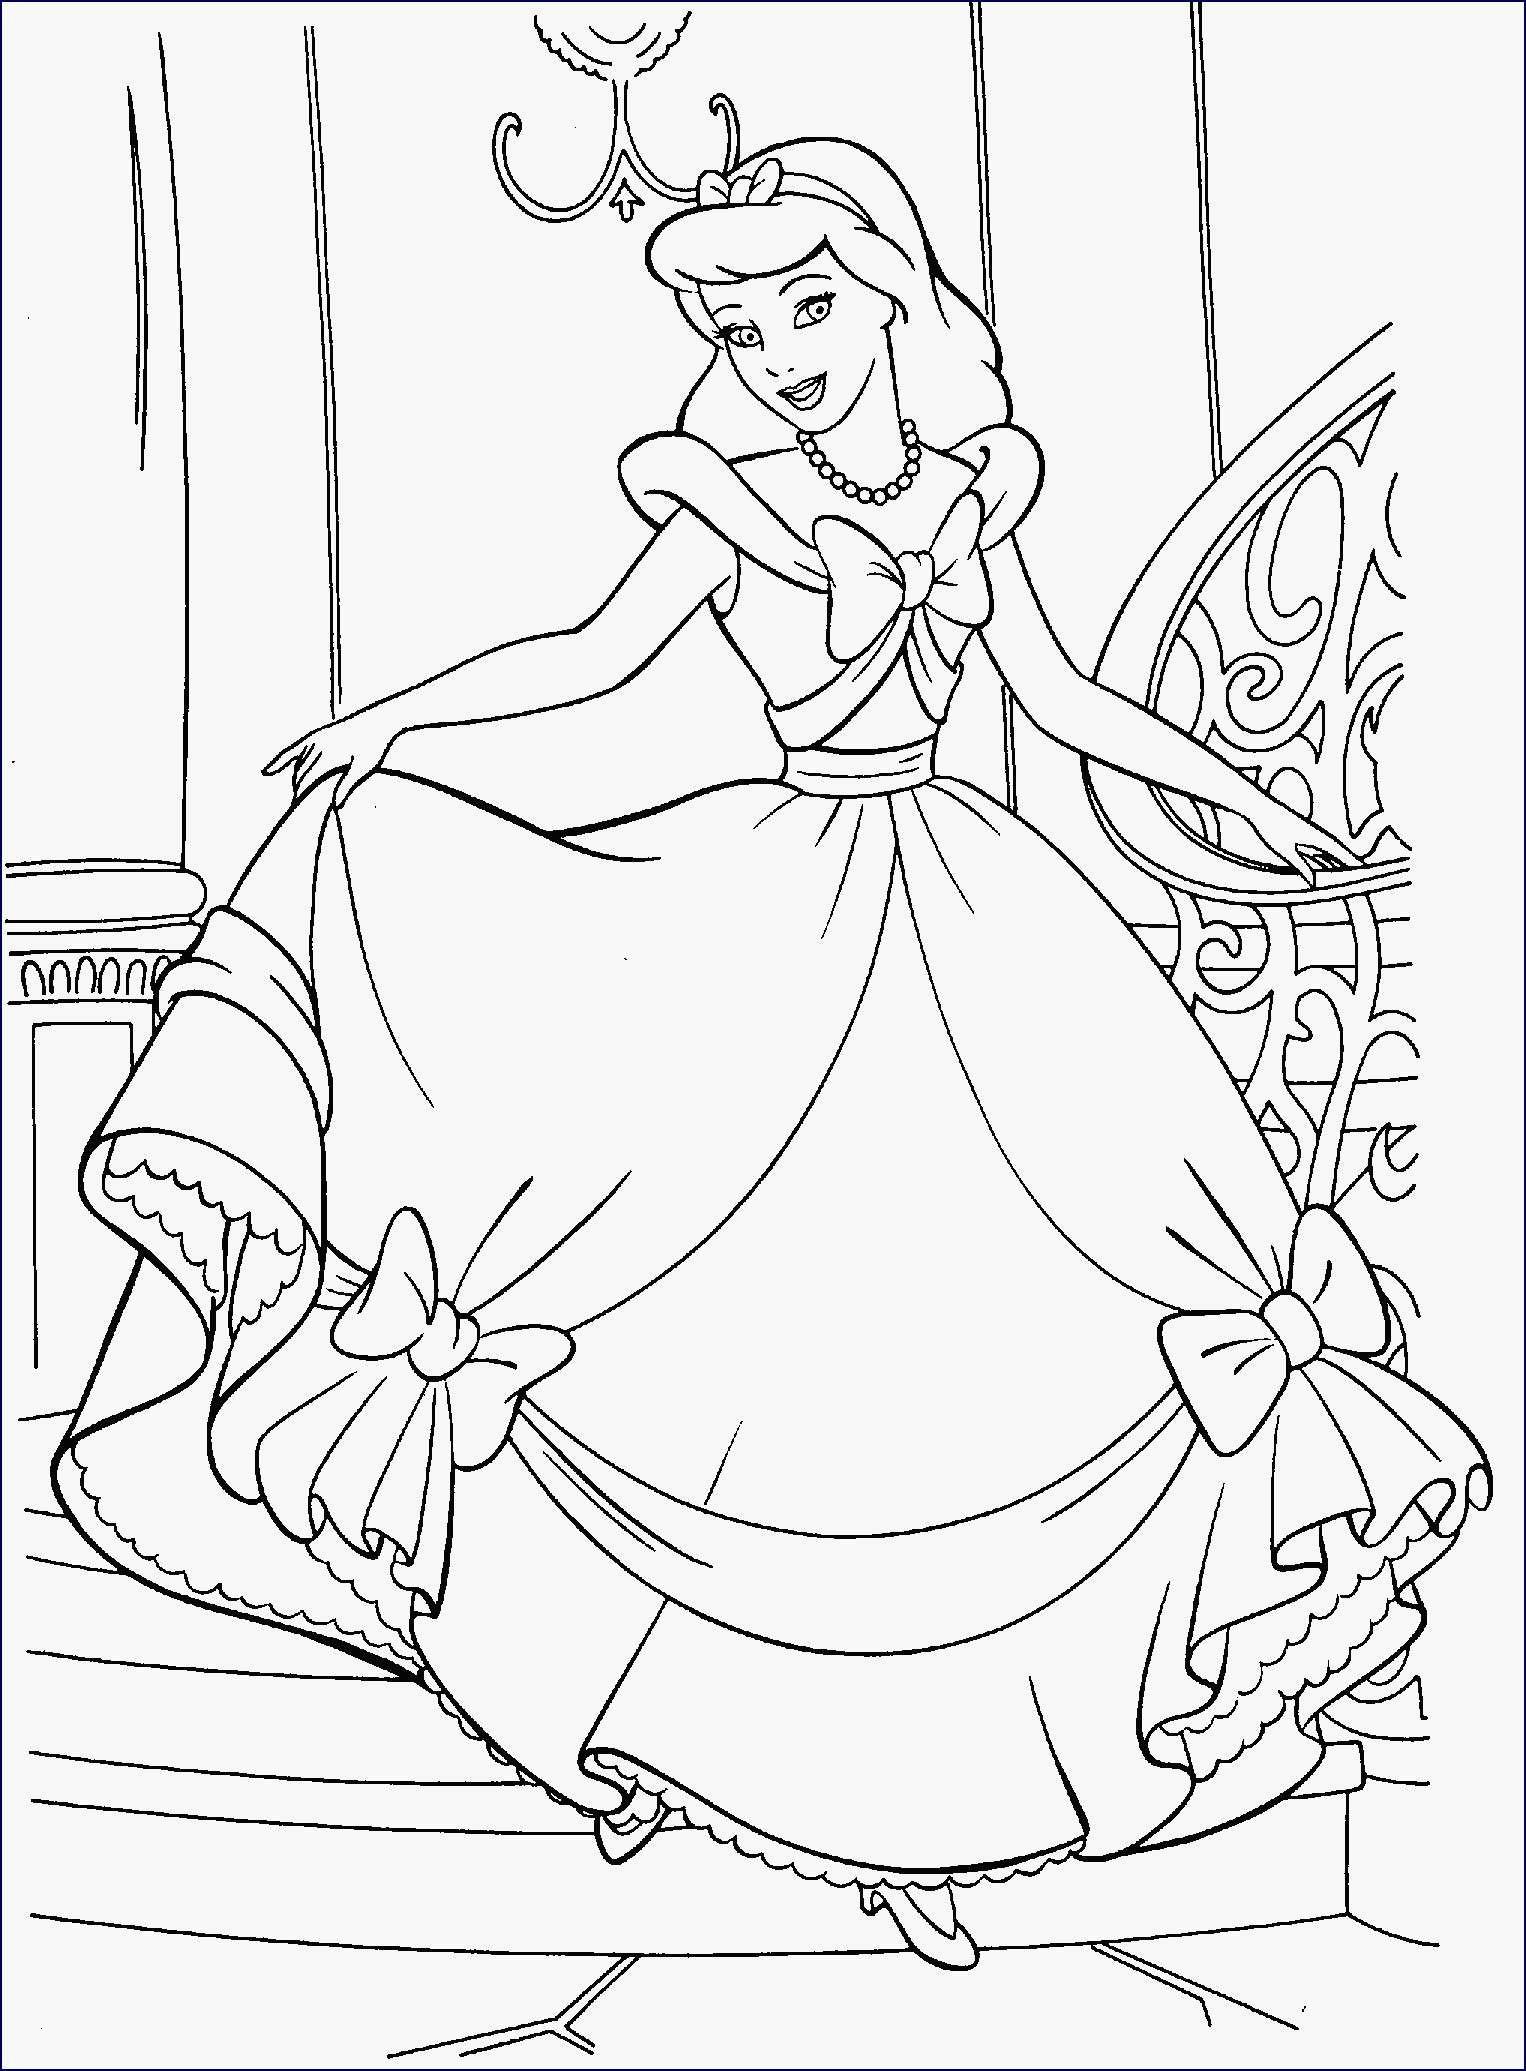 Disney Bilder Zum Ausmalen Einzigartig Disney Ausmalbilder Genial 25 Liebenswert Ausmalbilder Prinzessin Bilder